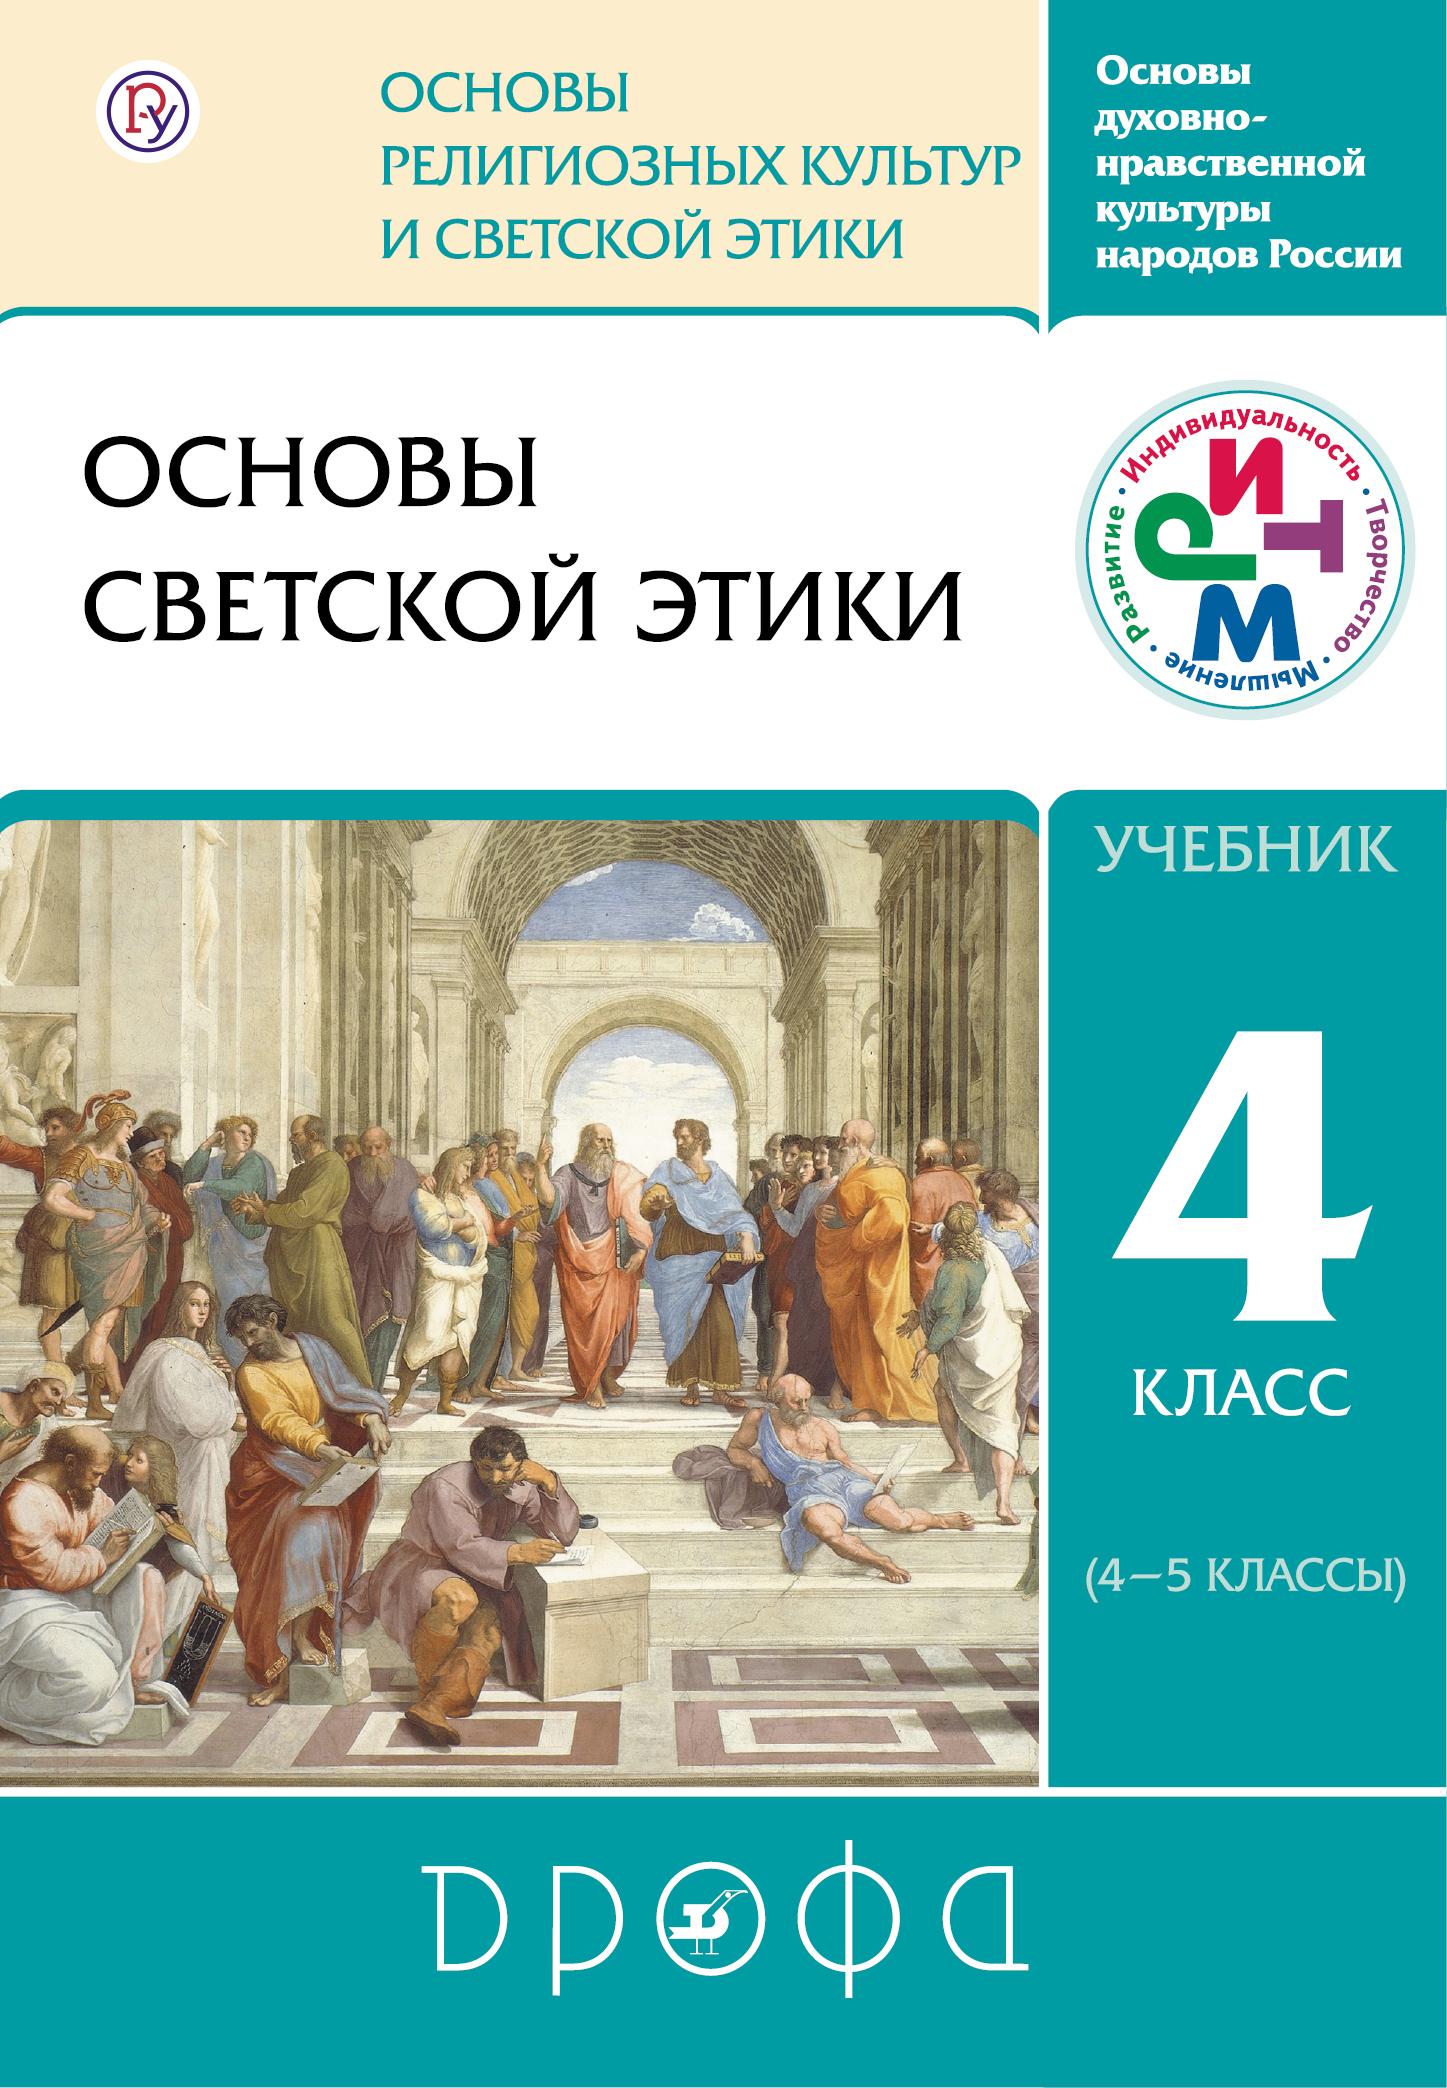 ШЕМШУРИНА ОСНОВЫ СВЕТСКОЙ ЭТИКИ 4-5 КЛАСС СКАЧАТЬ БЕСПЛАТНО